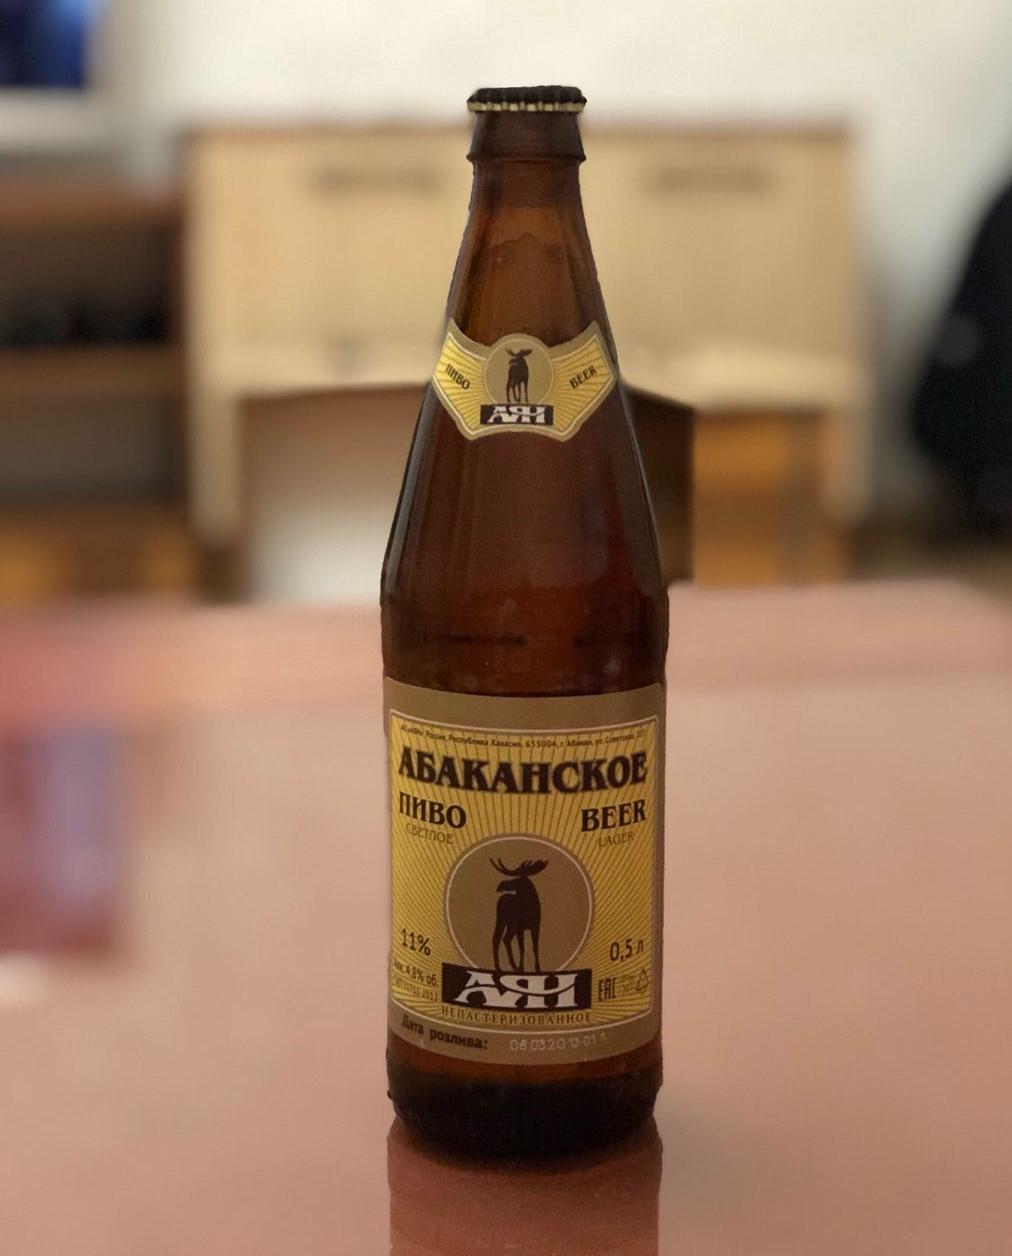 фотографии новых бутылок пиво абаканское это время немного